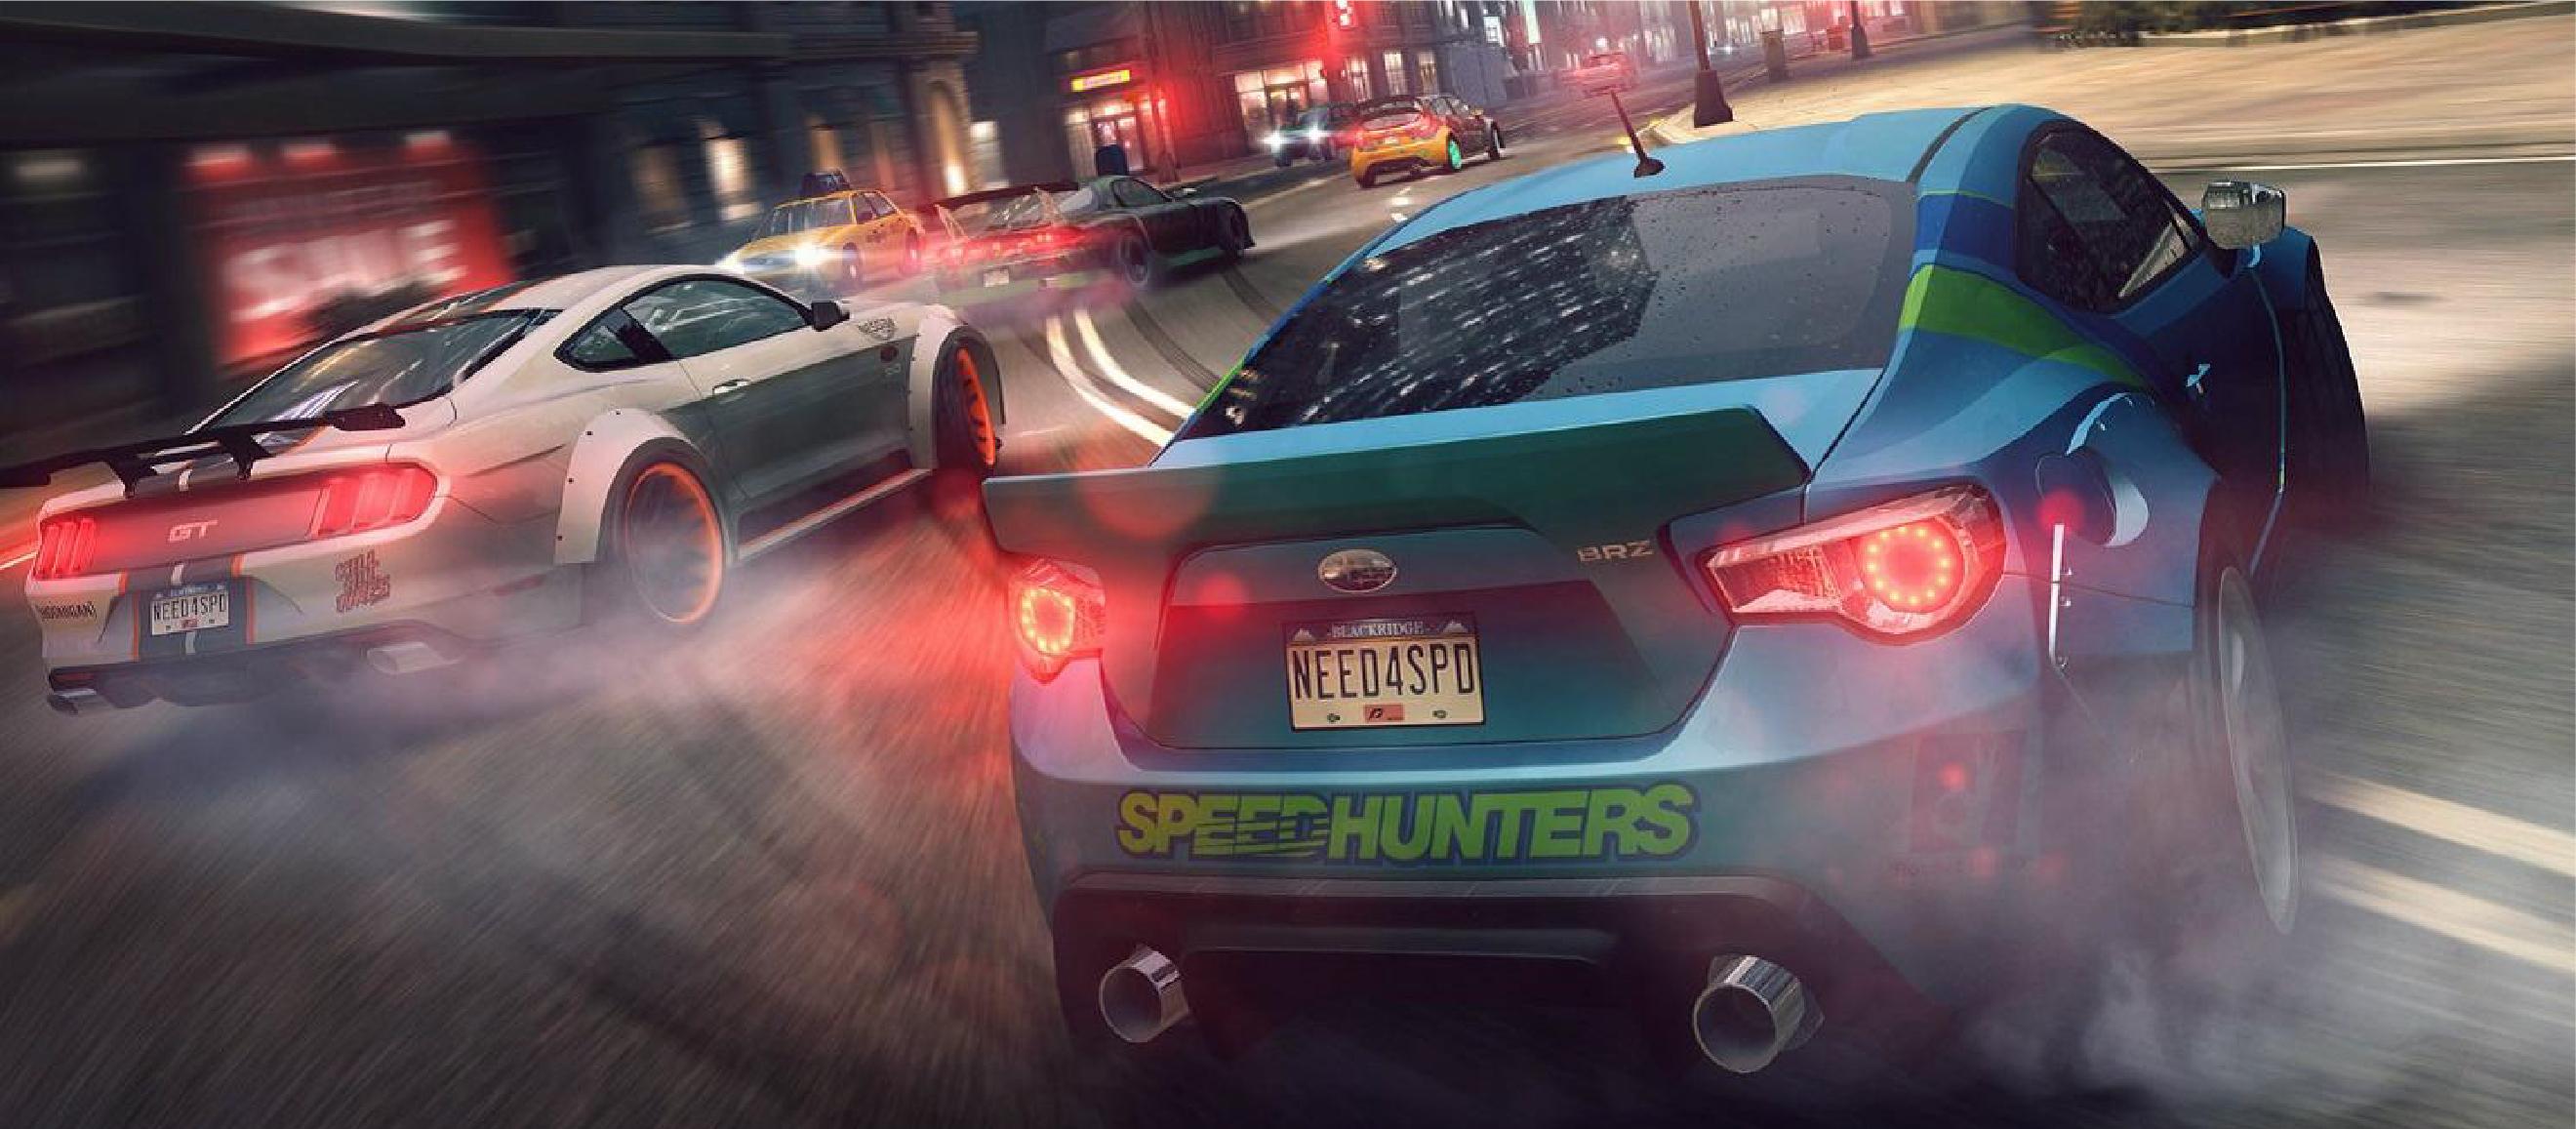 Los 5 mejores juegos de carreras de vehículos en tu celular